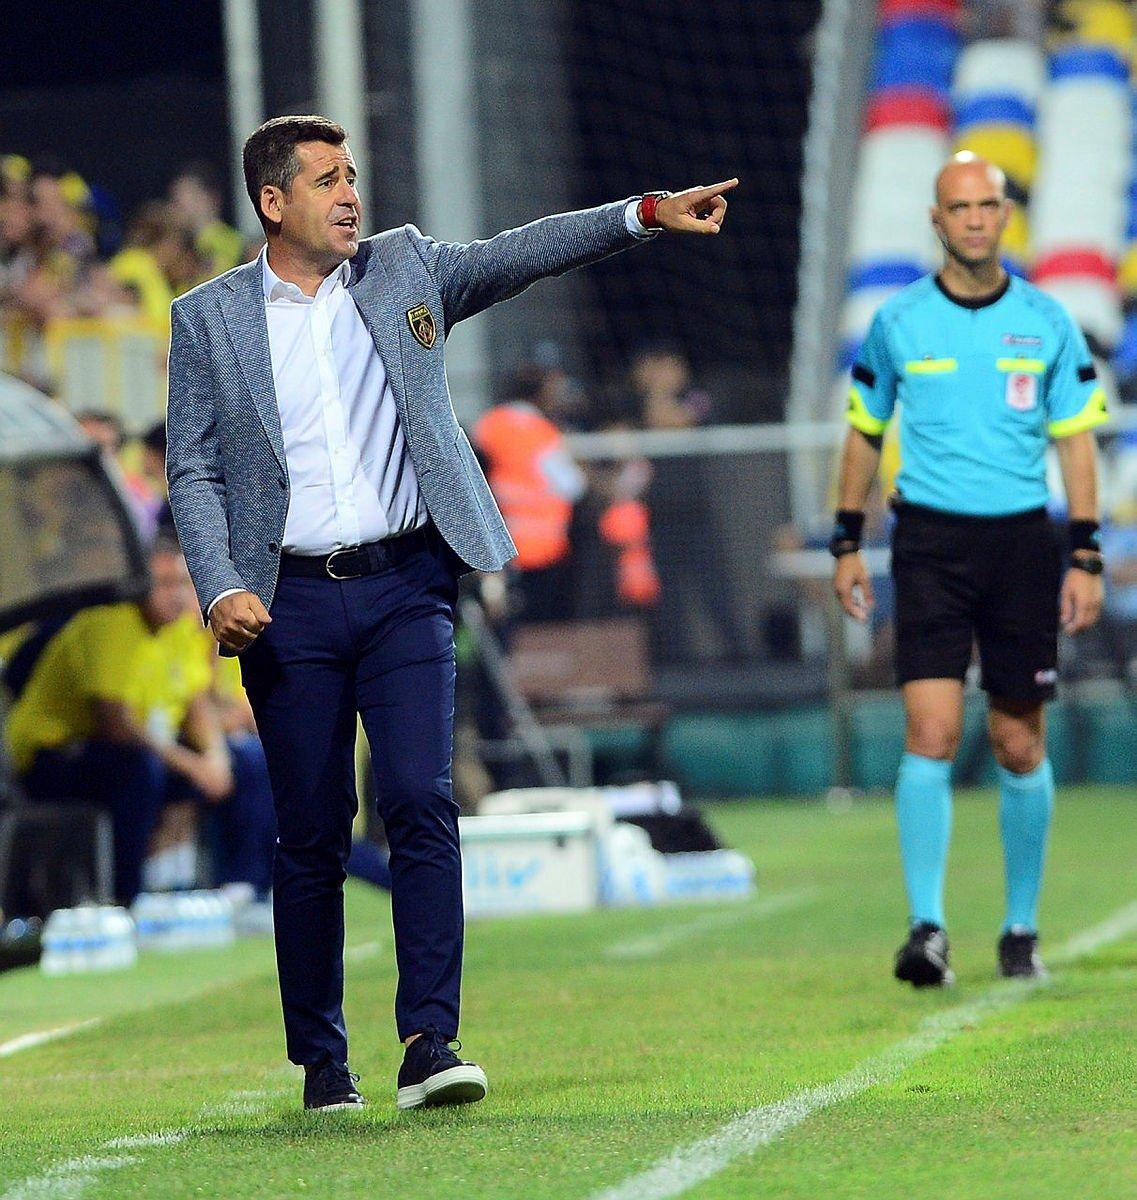 Hüseyin Eroğlu Fenerbahçe'yi bekliyor! - Futbol -